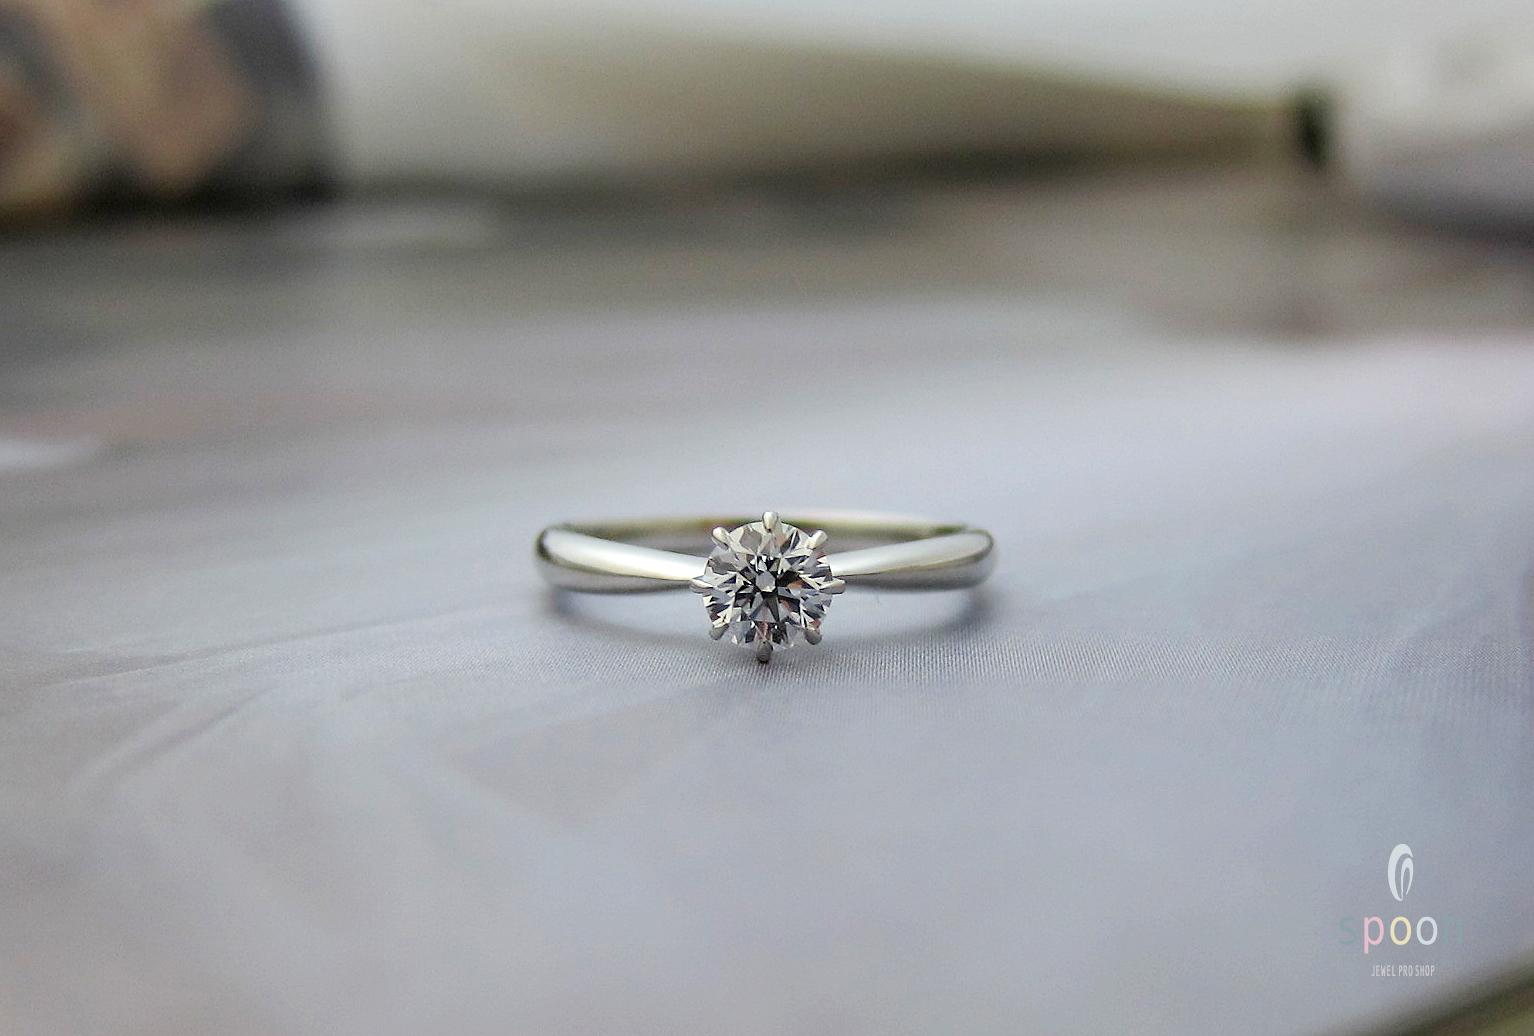 ダイヤモンドプロポーズ,婚約指輪,フローラ,デイジー,